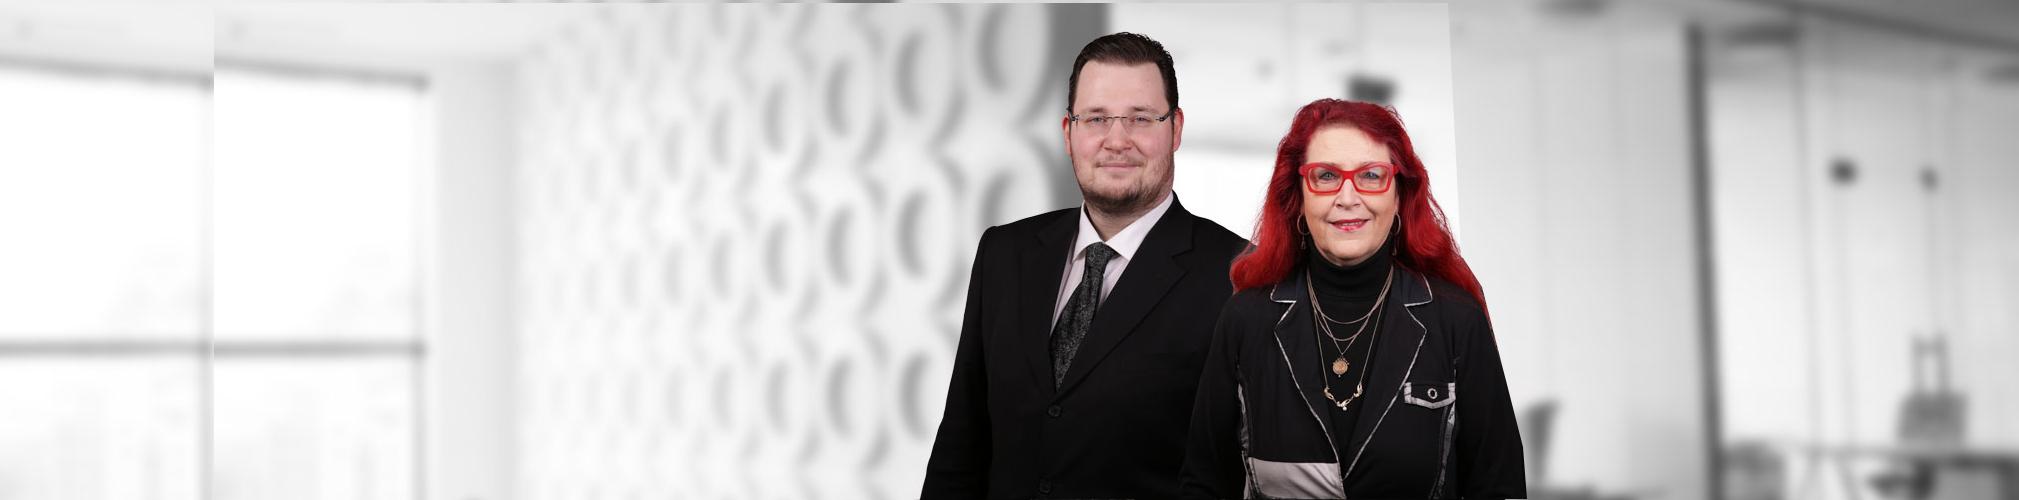 Rechtsanwälte Dr. Weber, Weber & Koll.